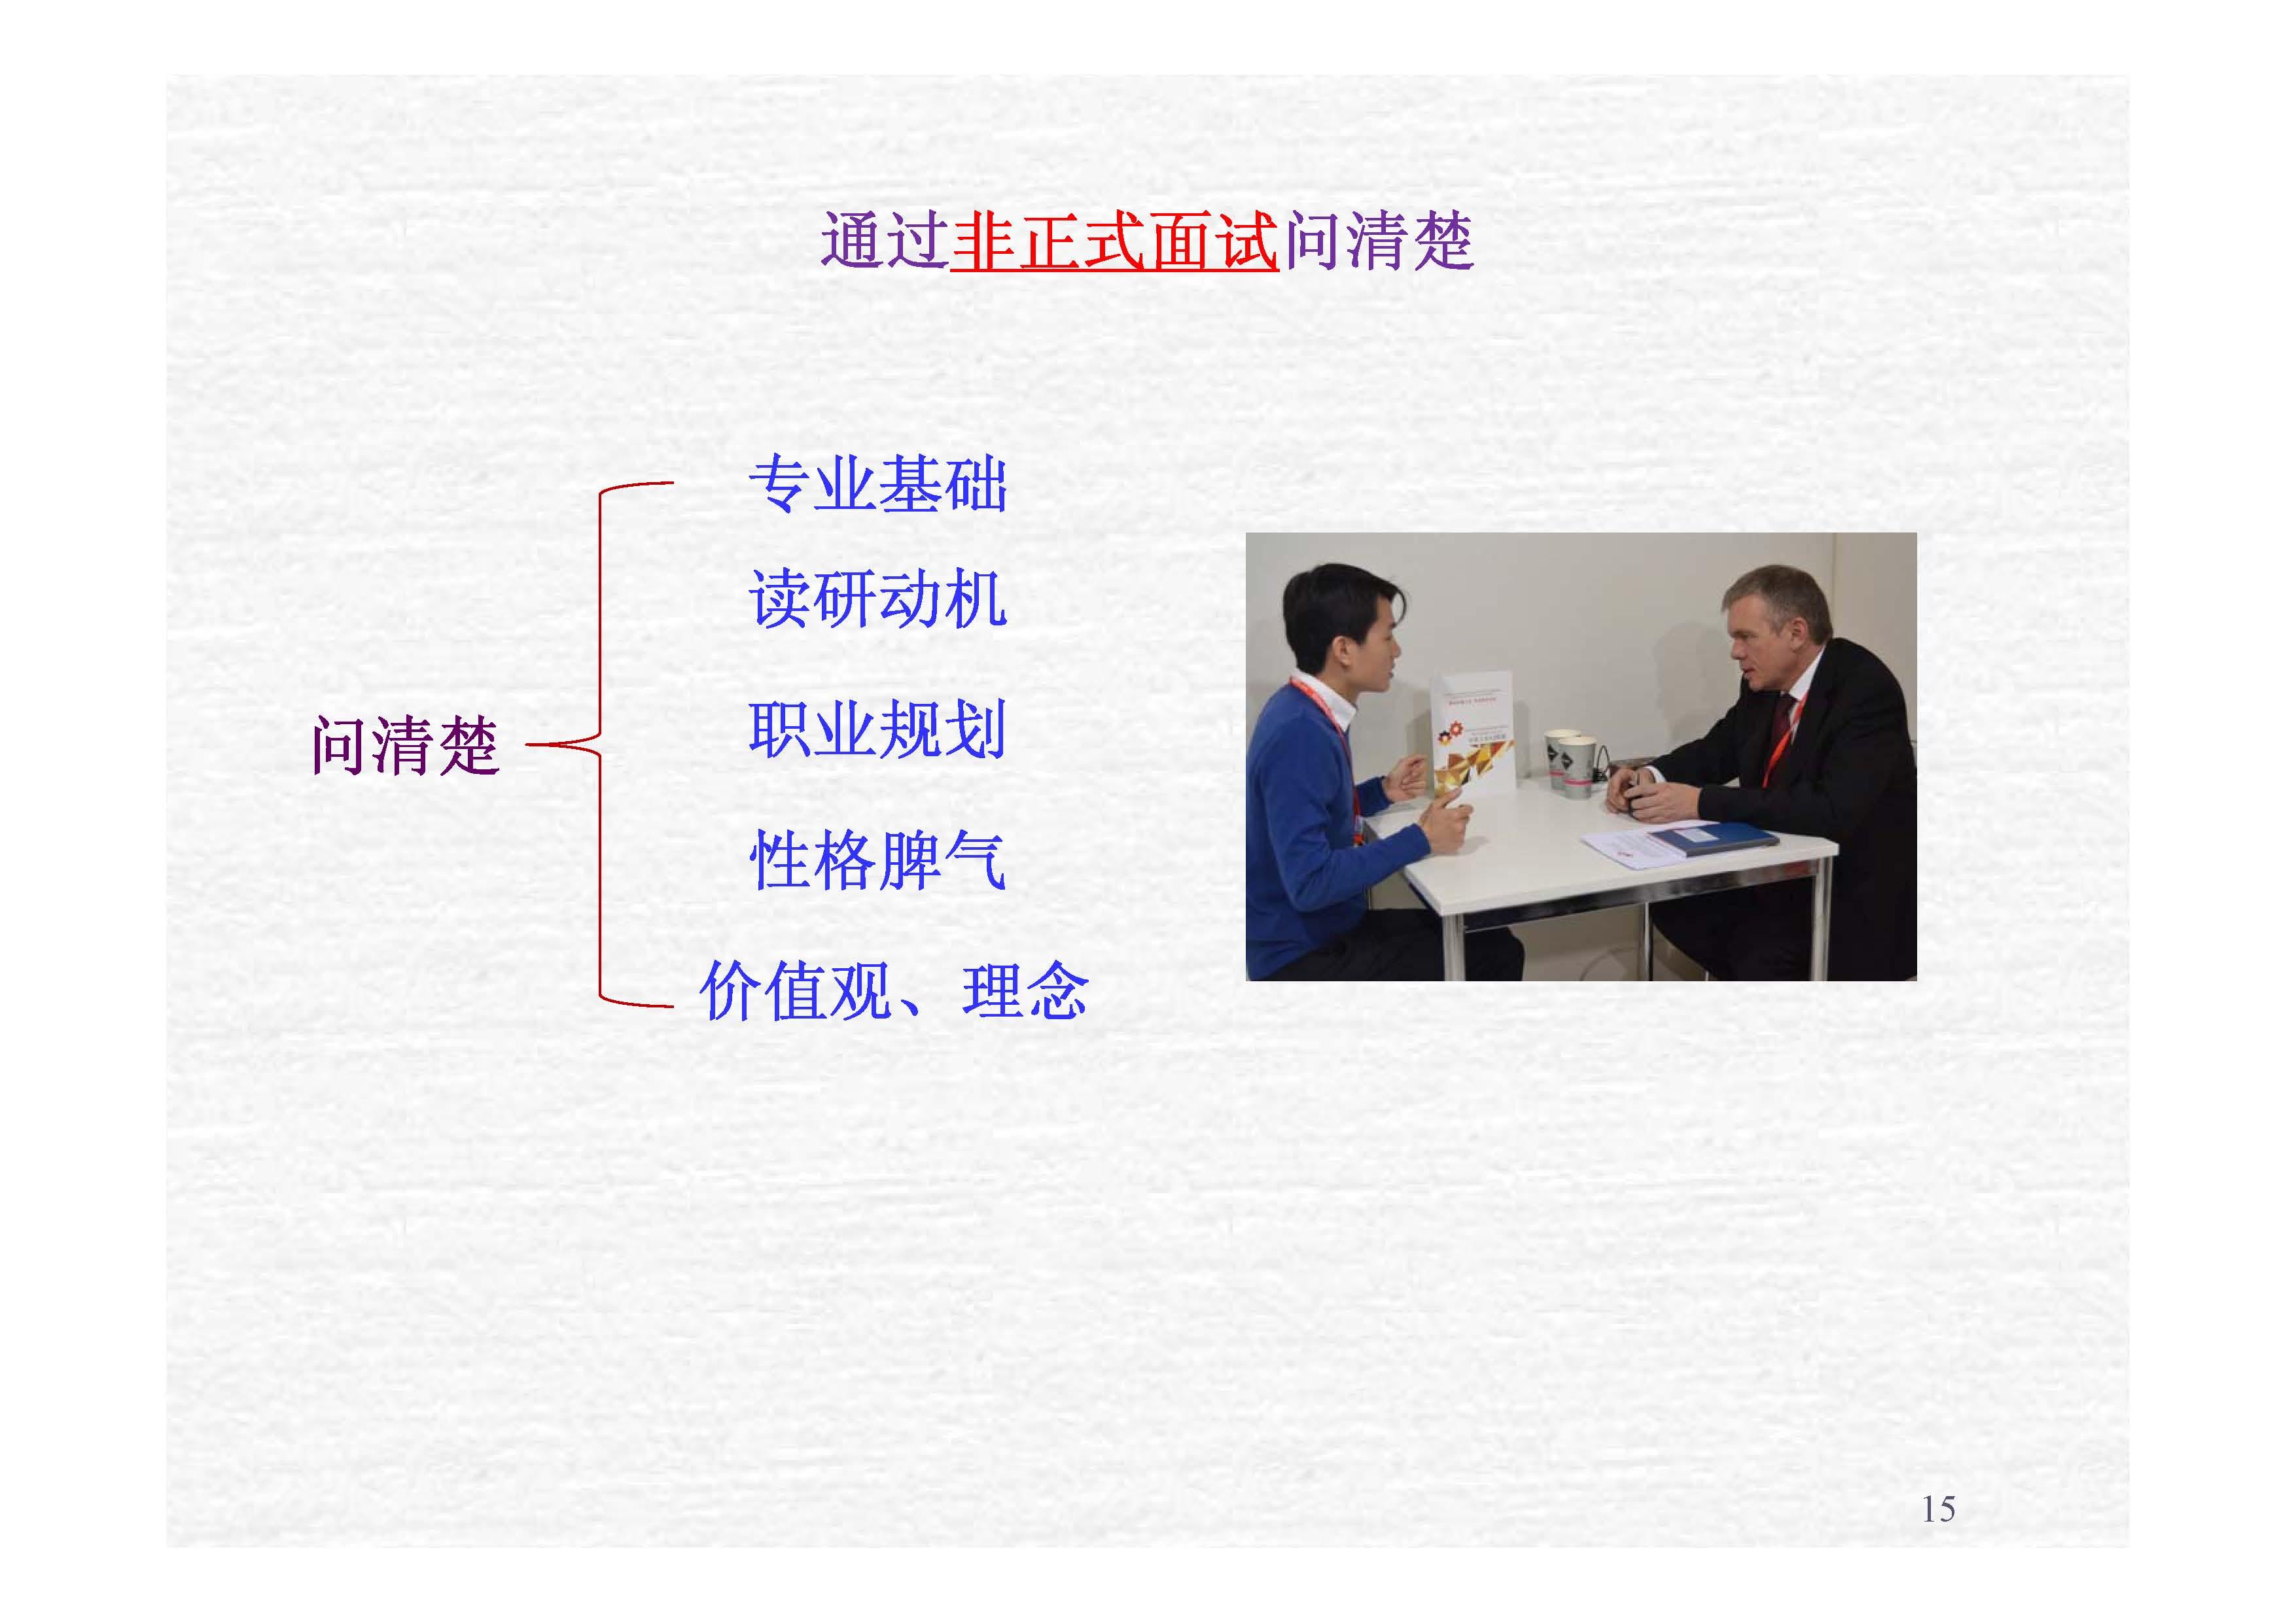 研究生师生矛盾及其化解对策-修订版-10_页面_15.jpg